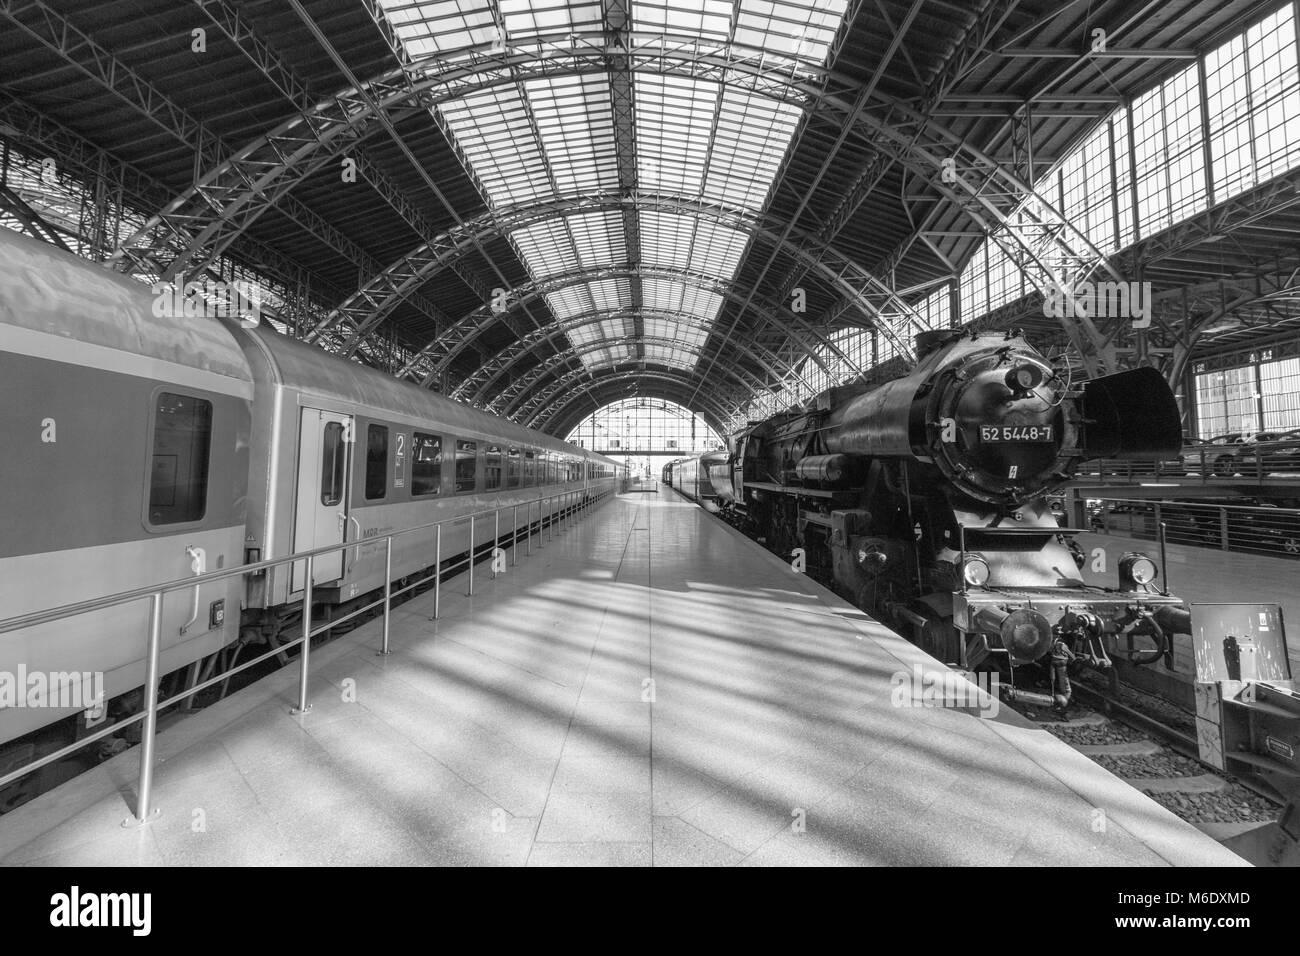 Leipzig, Deutschland - 1. März 2018: Blick auf ein modernes Personenzug der Deutschen Bahn und einer alten Stockbild